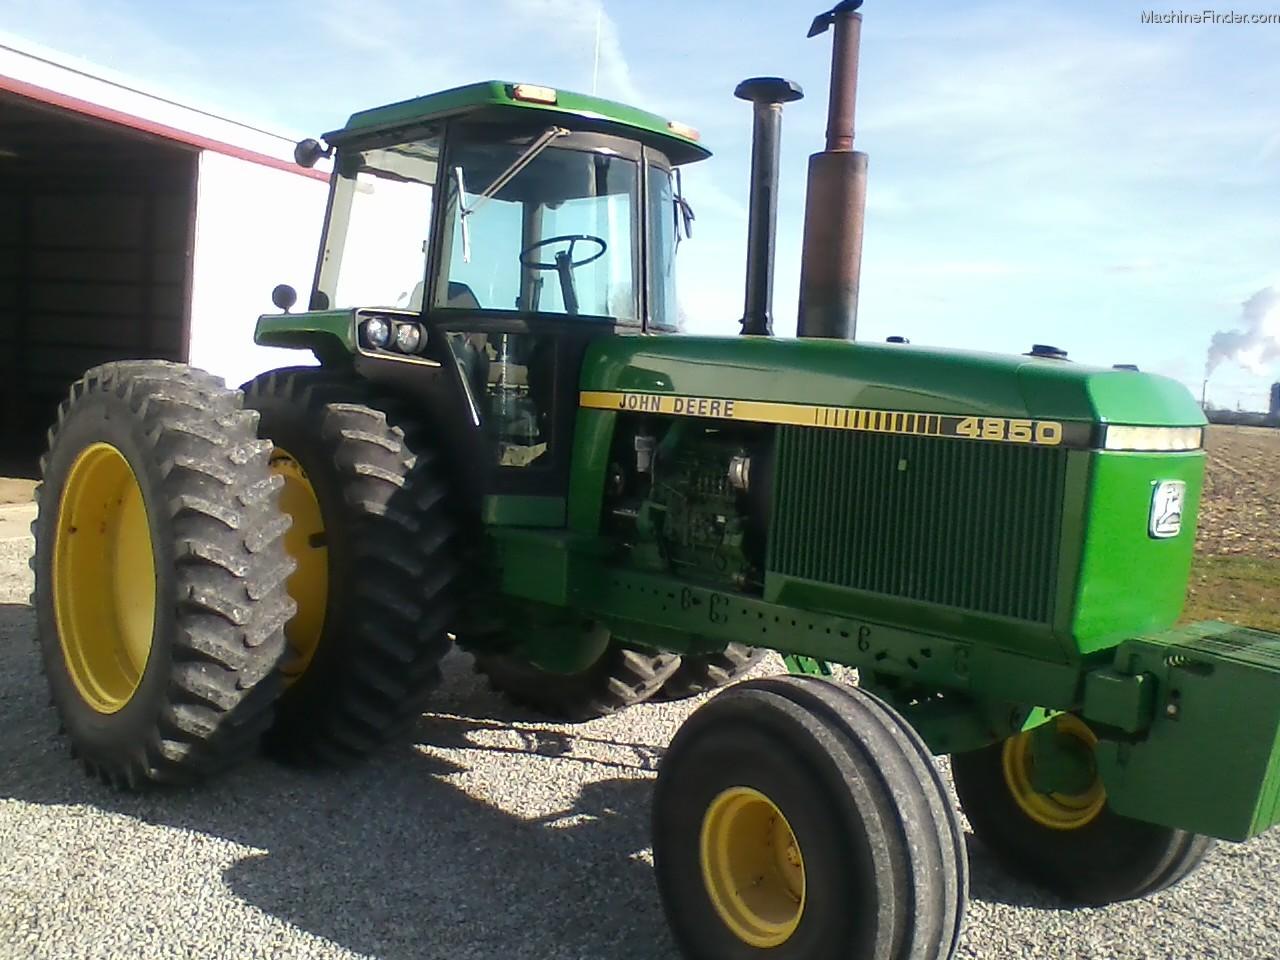 1985 John Deere 4850 Tractors - Row Crop (+100hp) - John ...